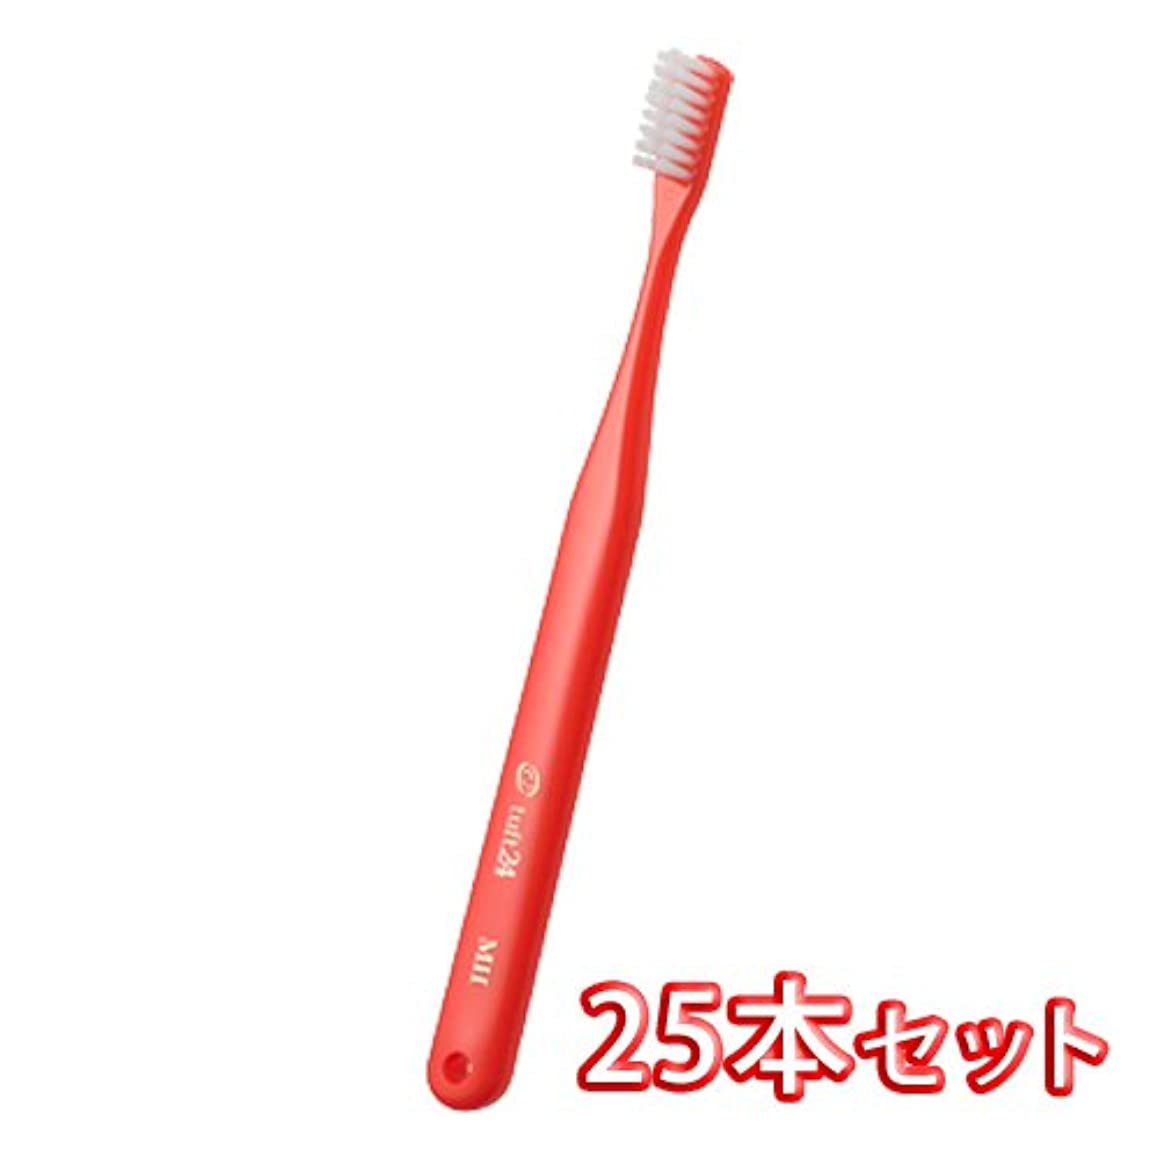 朝浸す開始オーラルケア キャップ付き タフト 24 歯ブラシ 25本入 ミディアムソフト MS (レッド)